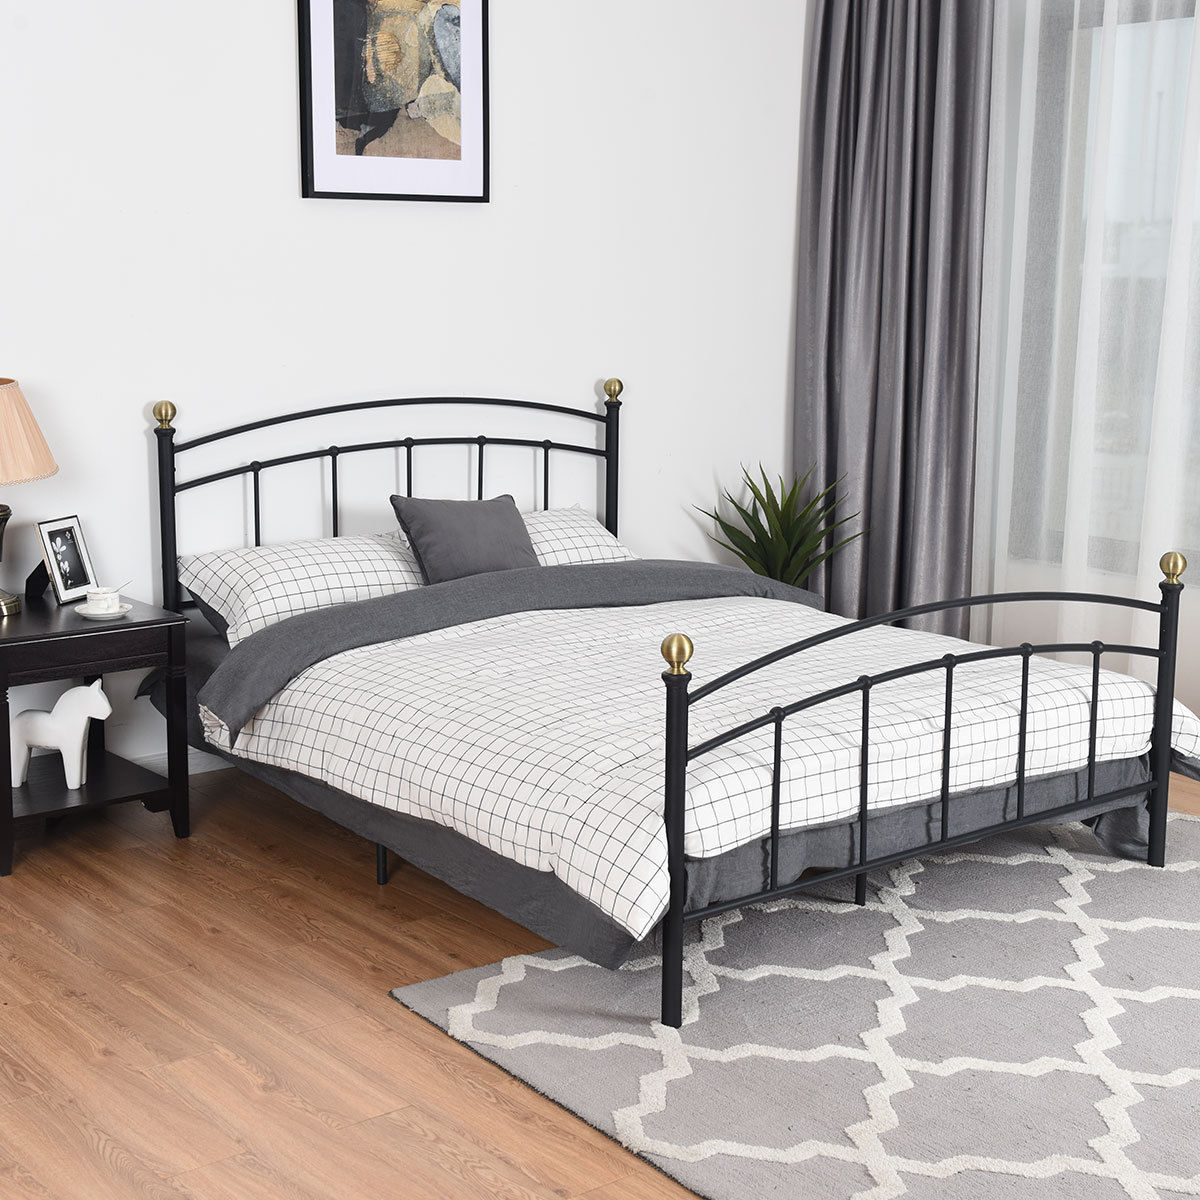 Costway 12 Full Size Metal Bed Frame Platform Metal Slat Support